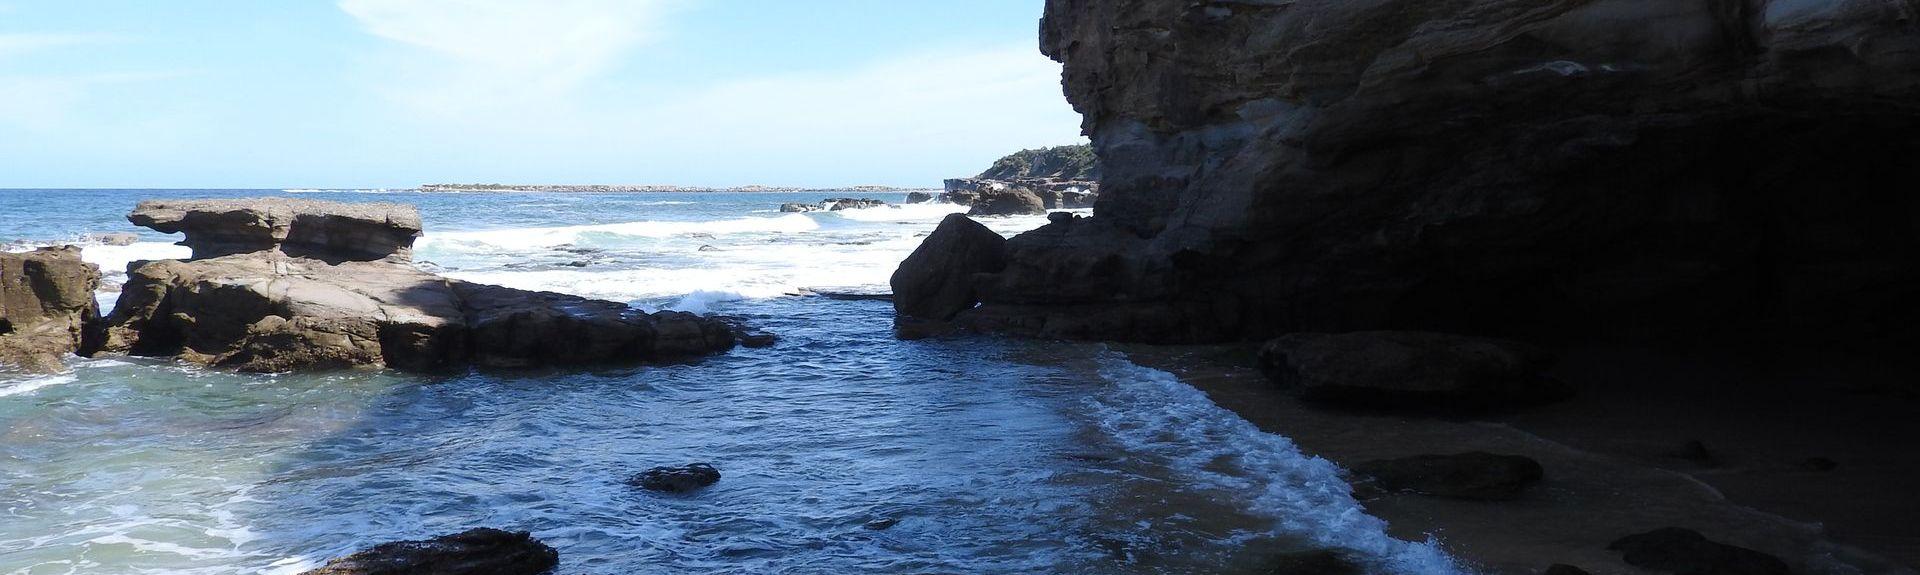 Kilaben Bay, NSW, Australia